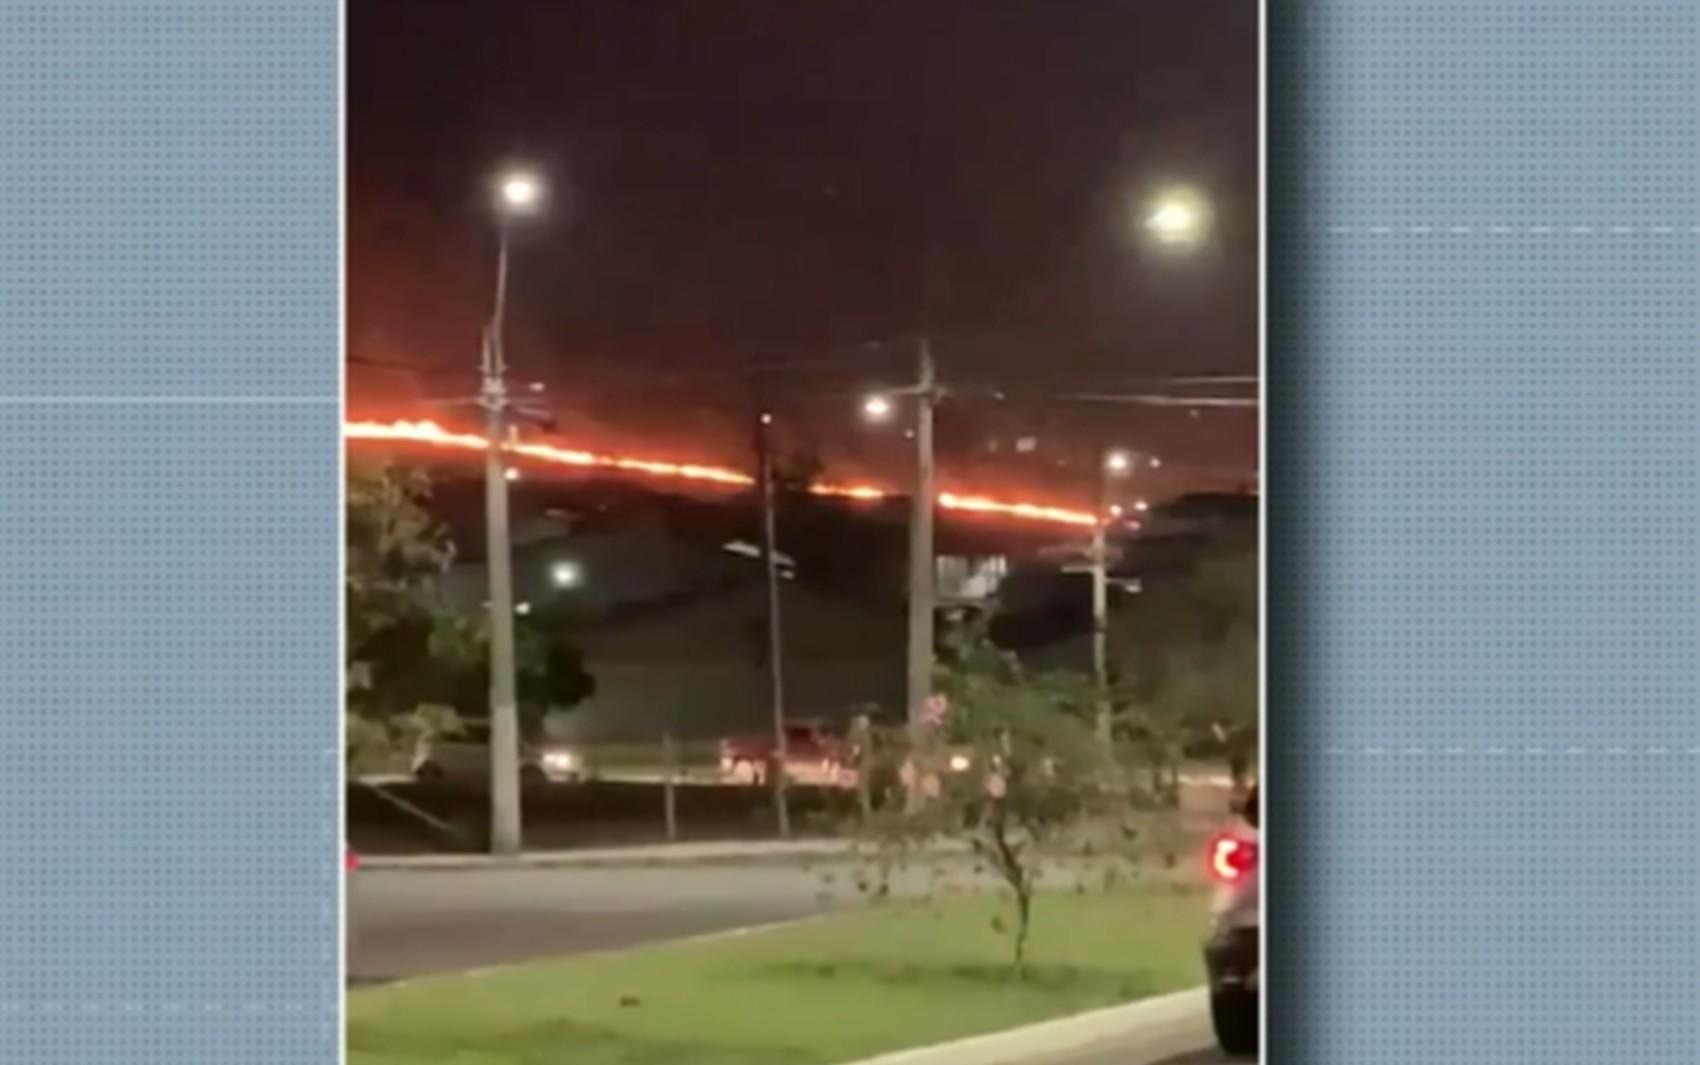 Corpo de Bombeiros combate incêndios em áreas de pasto em Varginha e Pouso Alegre, MG